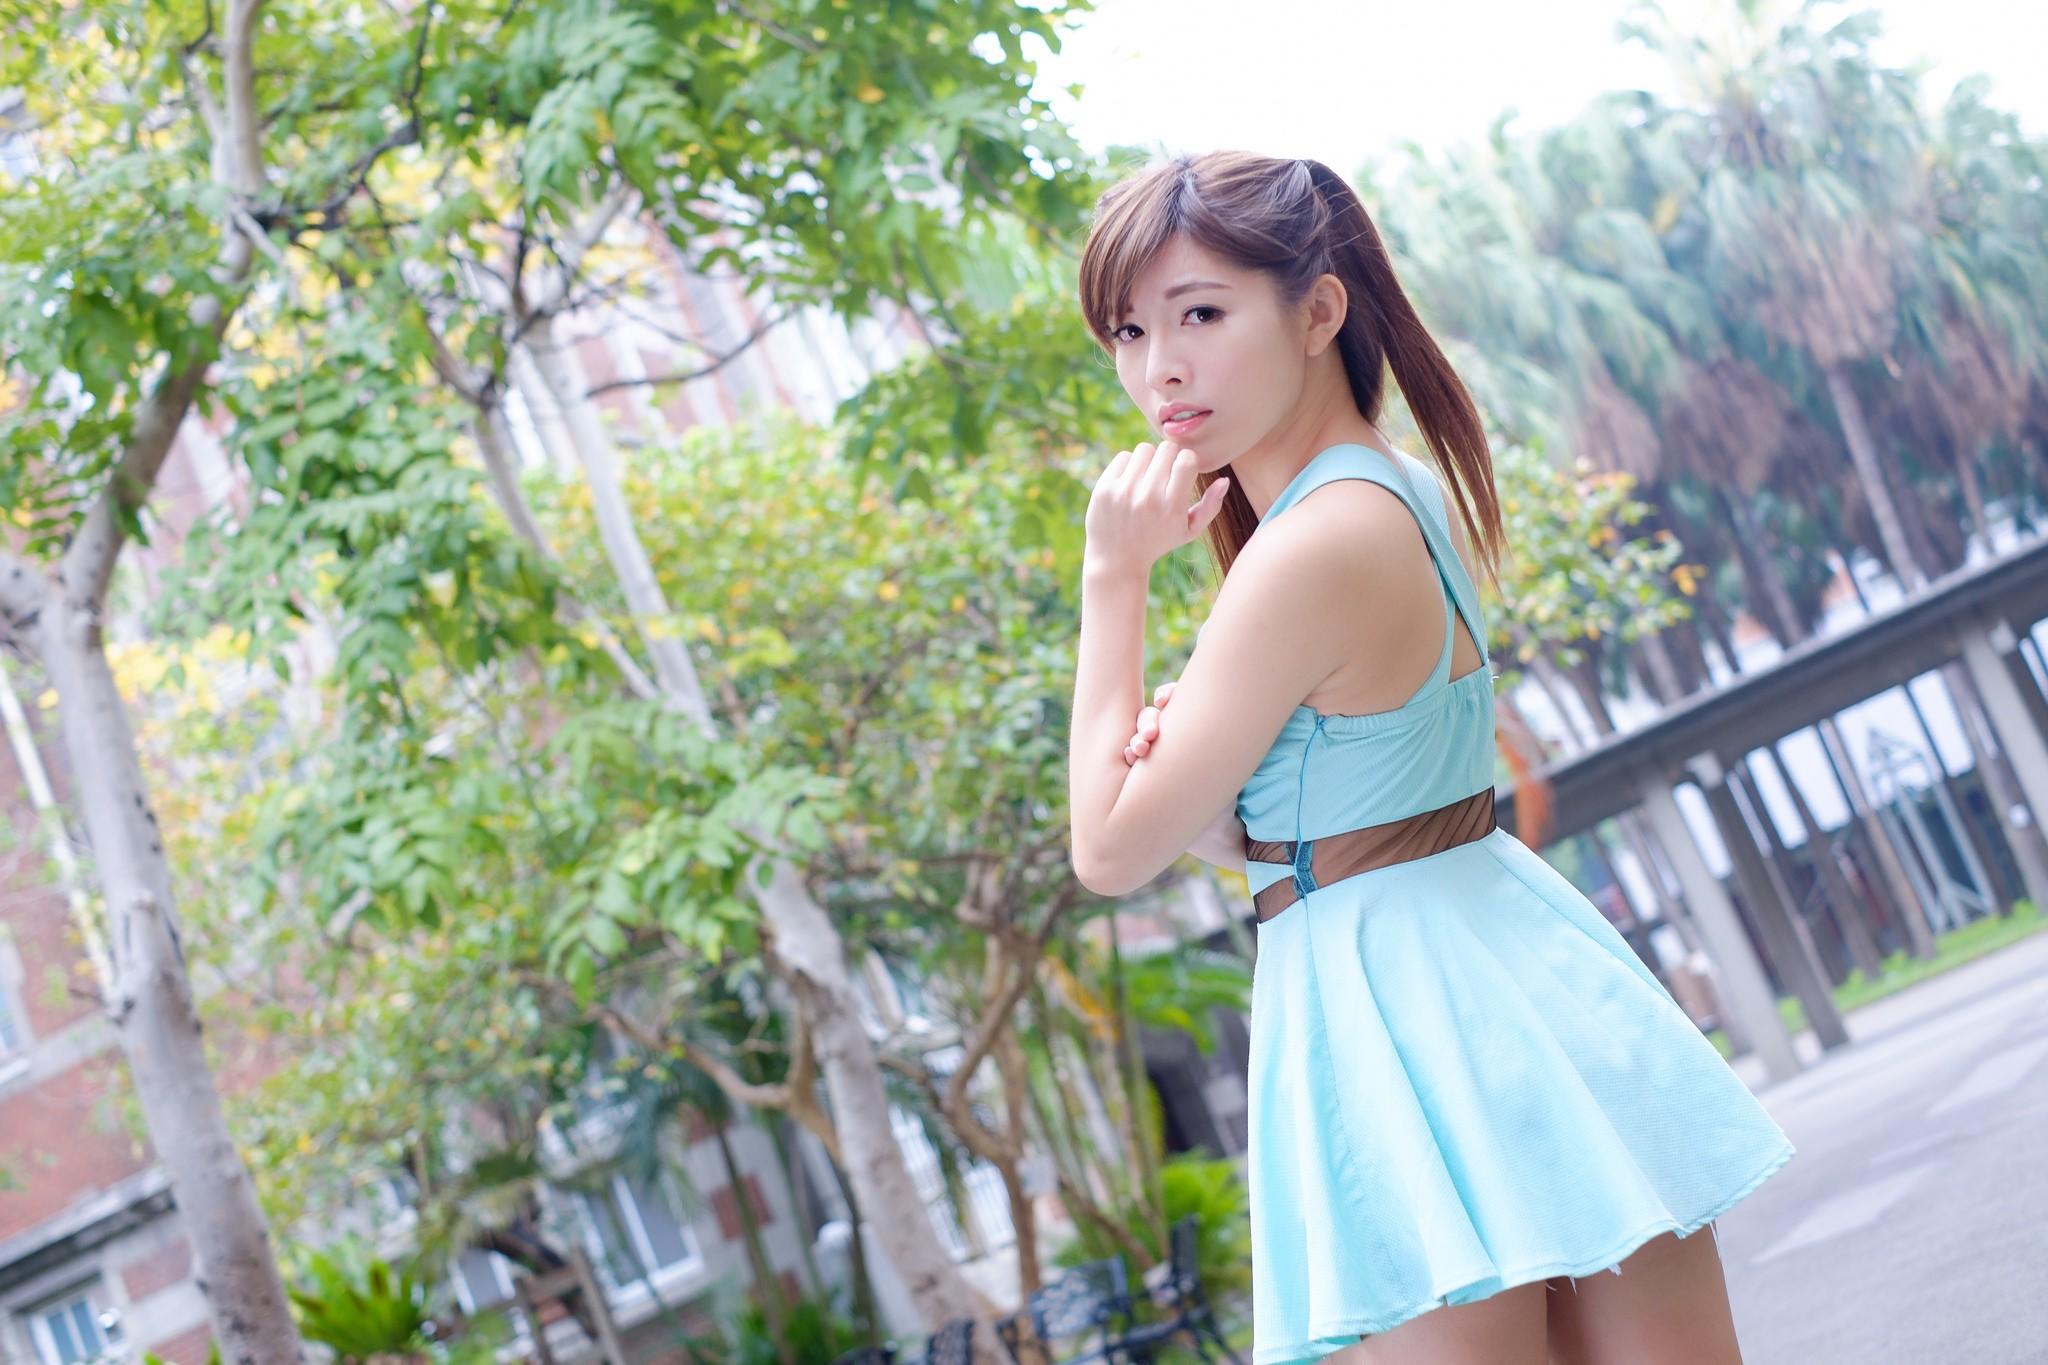 Азиатки в платьем, фотки влагалищ крупным планом